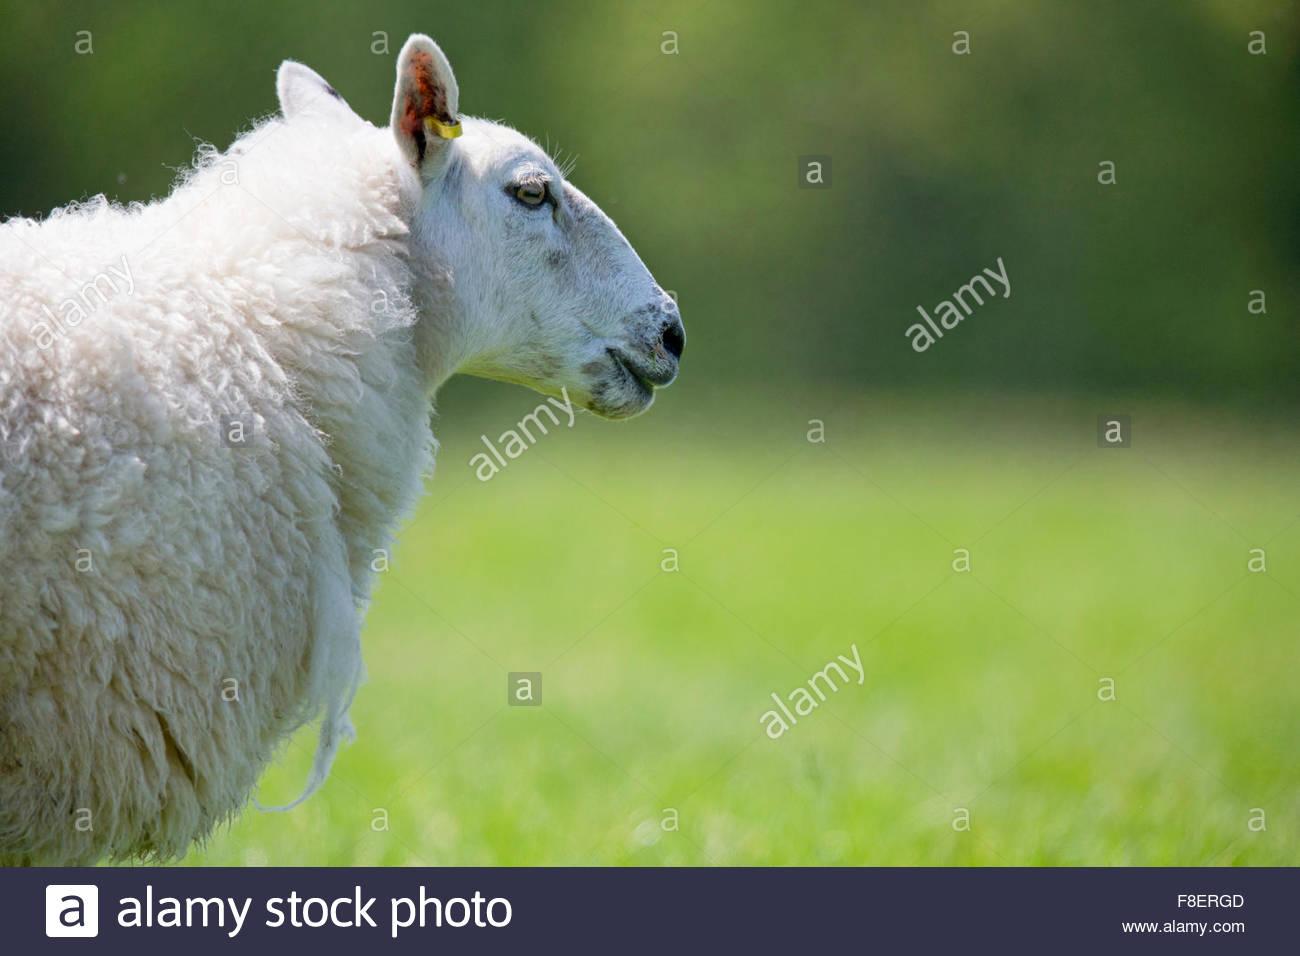 Vista lateral de las ovejas en la soleada verde hierba de primavera Imagen De Stock